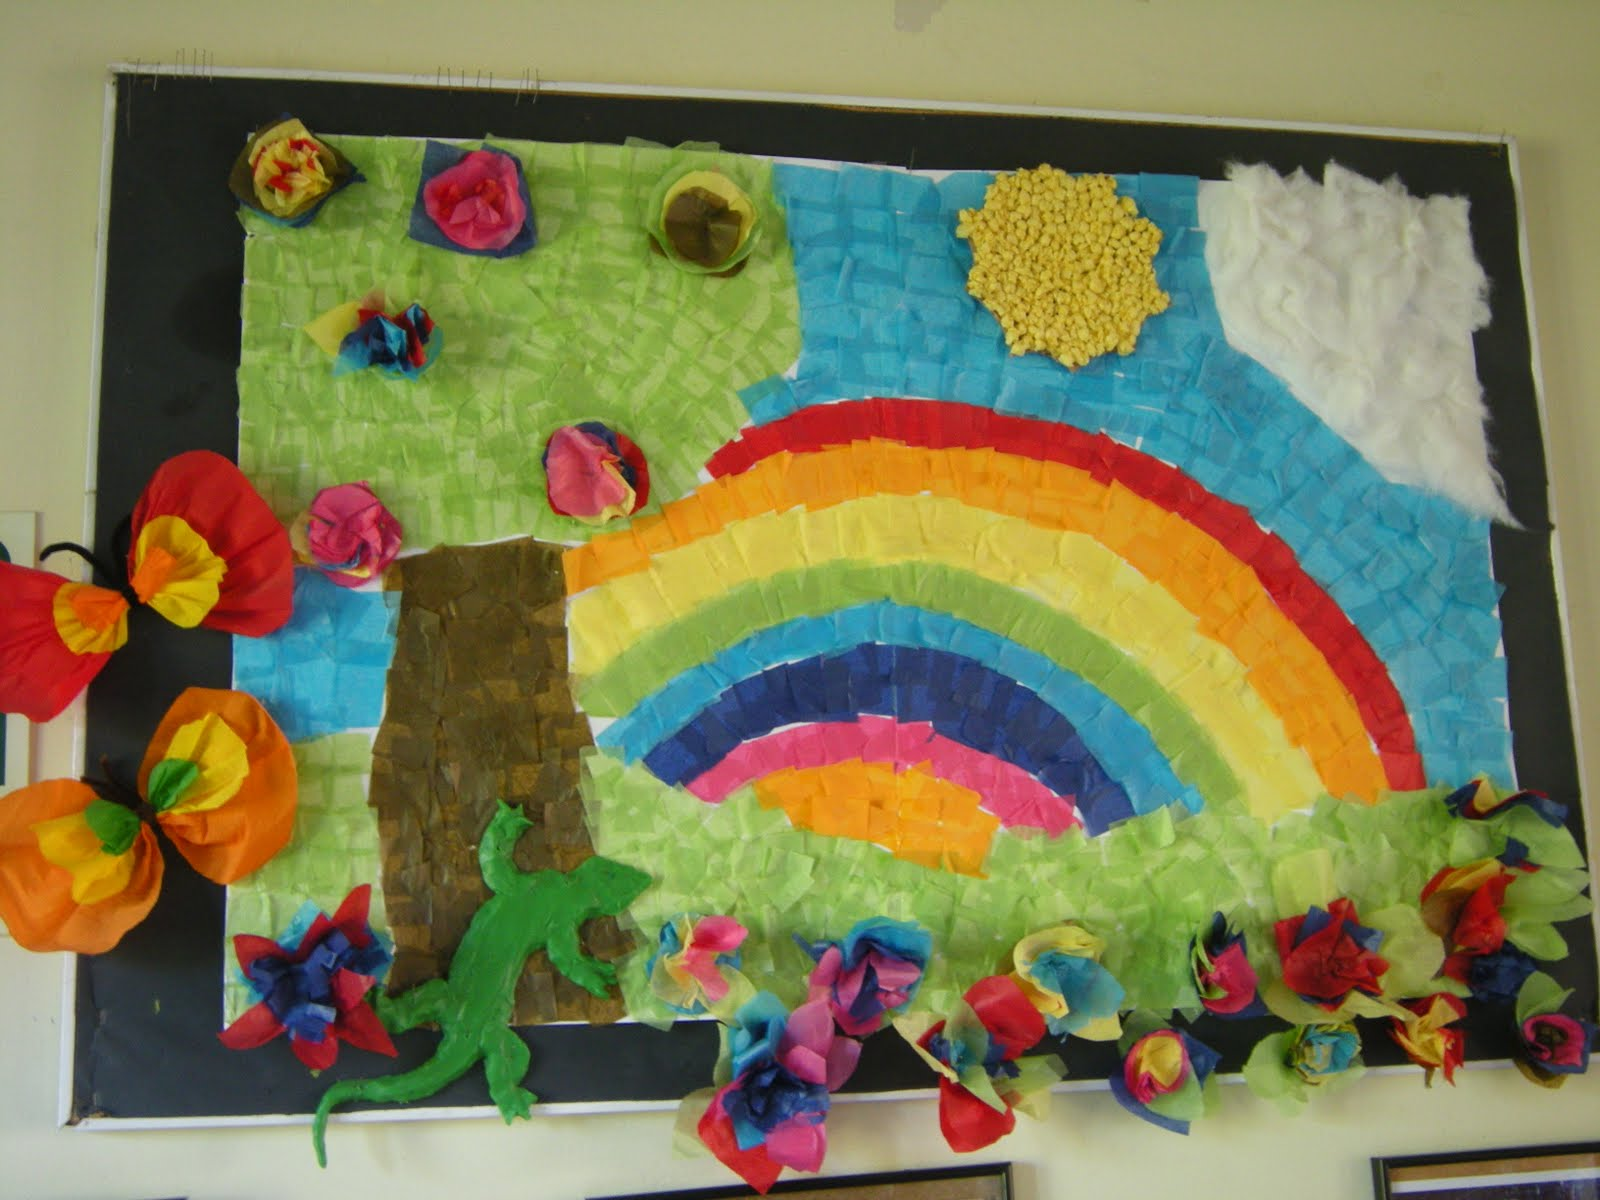 http://3.bp.blogspot.com/-H5YRrV-Vgp0/TbQP_UTTwxI/AAAAAAAABaE/jVd0kG92Vpw/s1600/mural%2Bprimavera.JPG